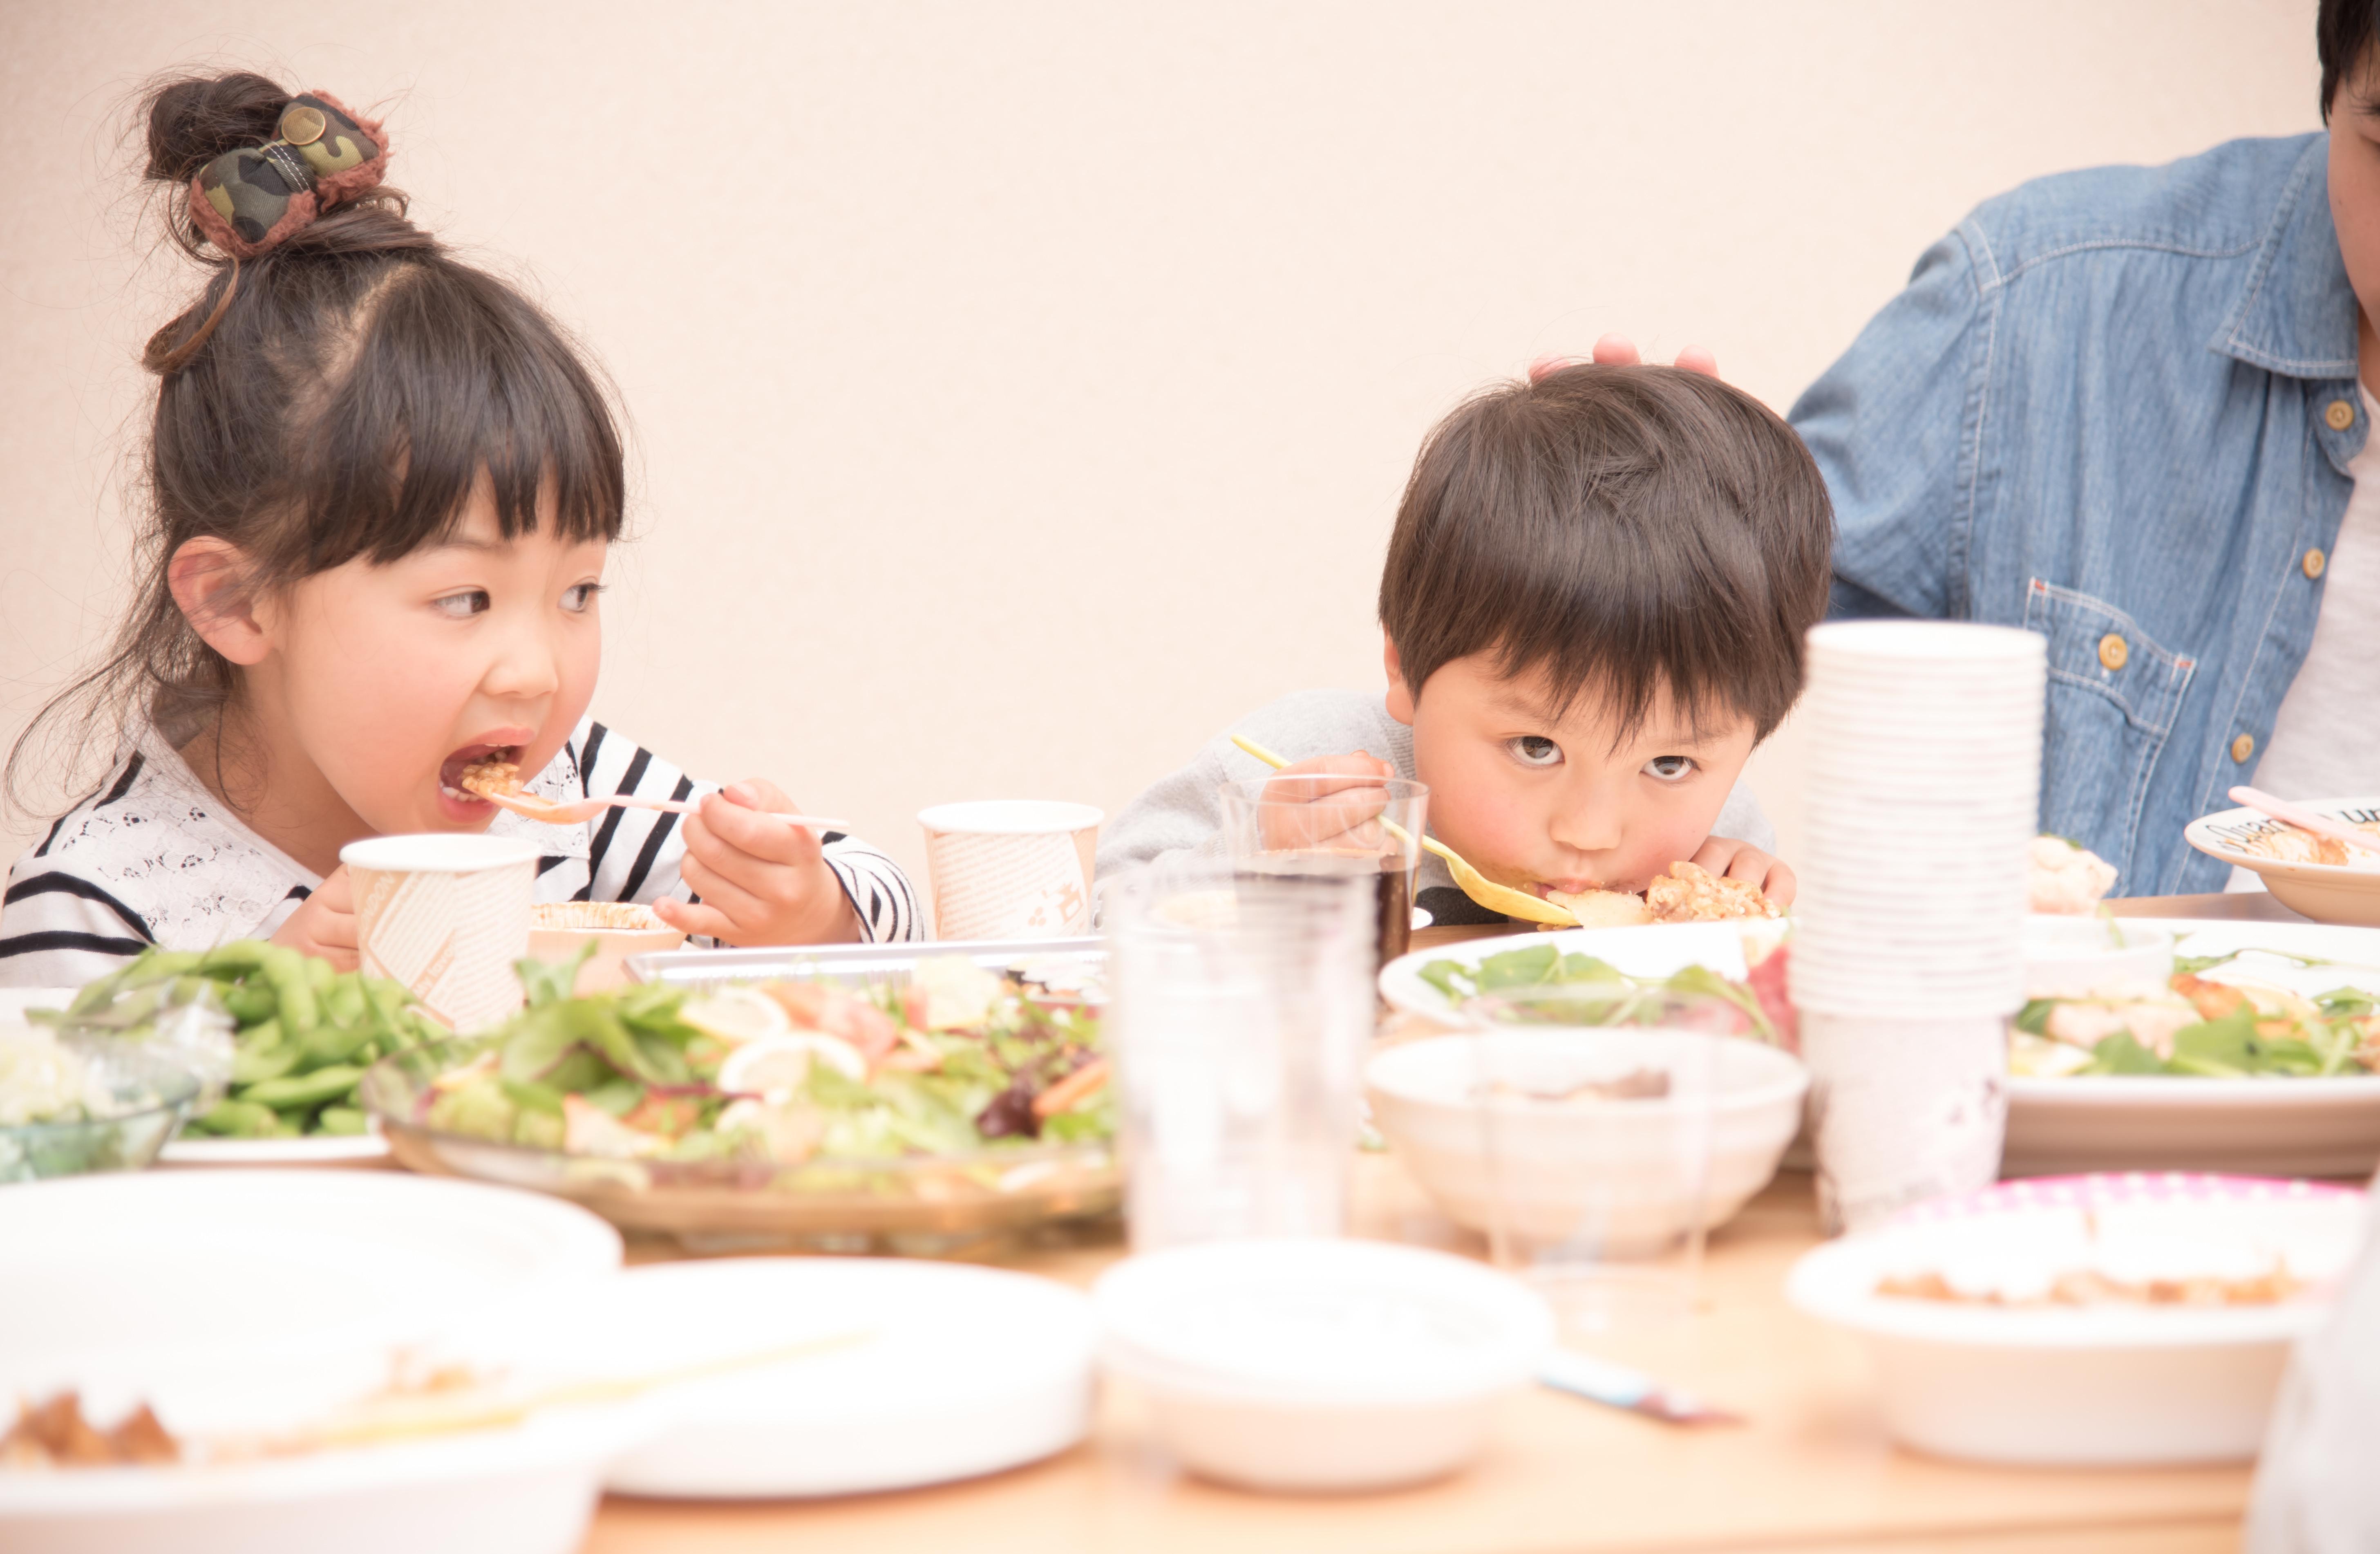 子どもの成長と食べ物の好き嫌い